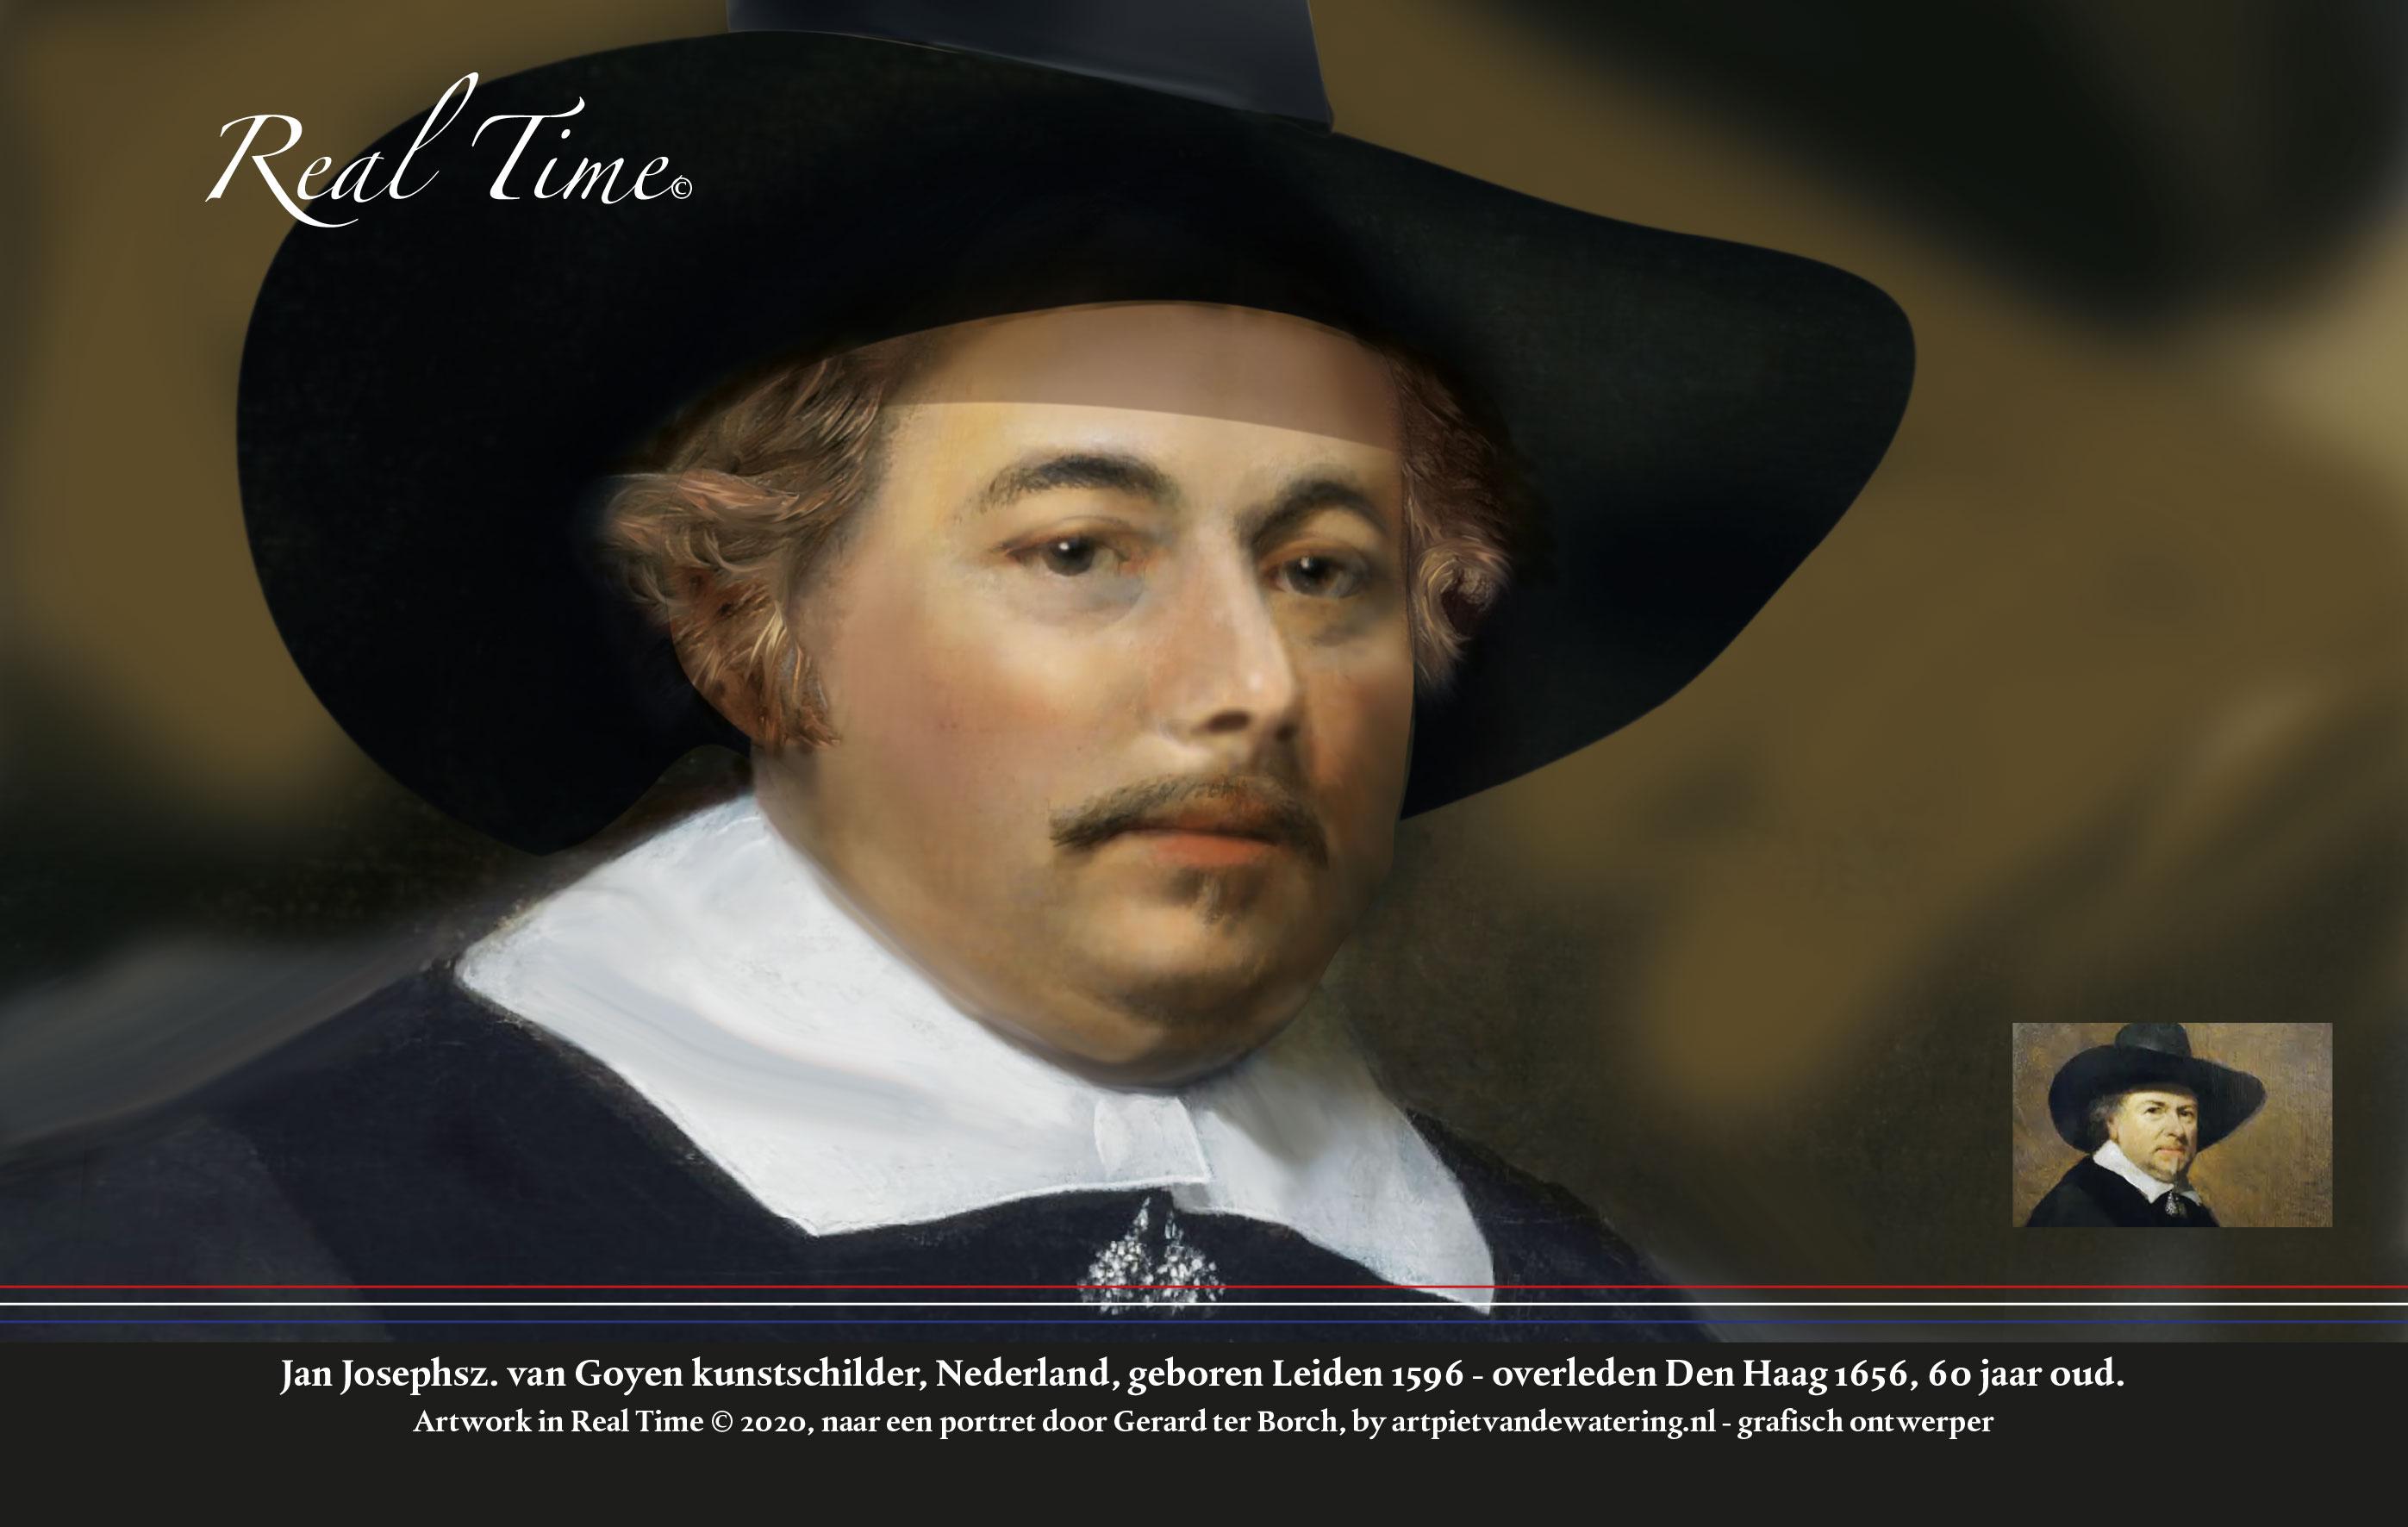 Jan-J-van-Goyen-1596-1656